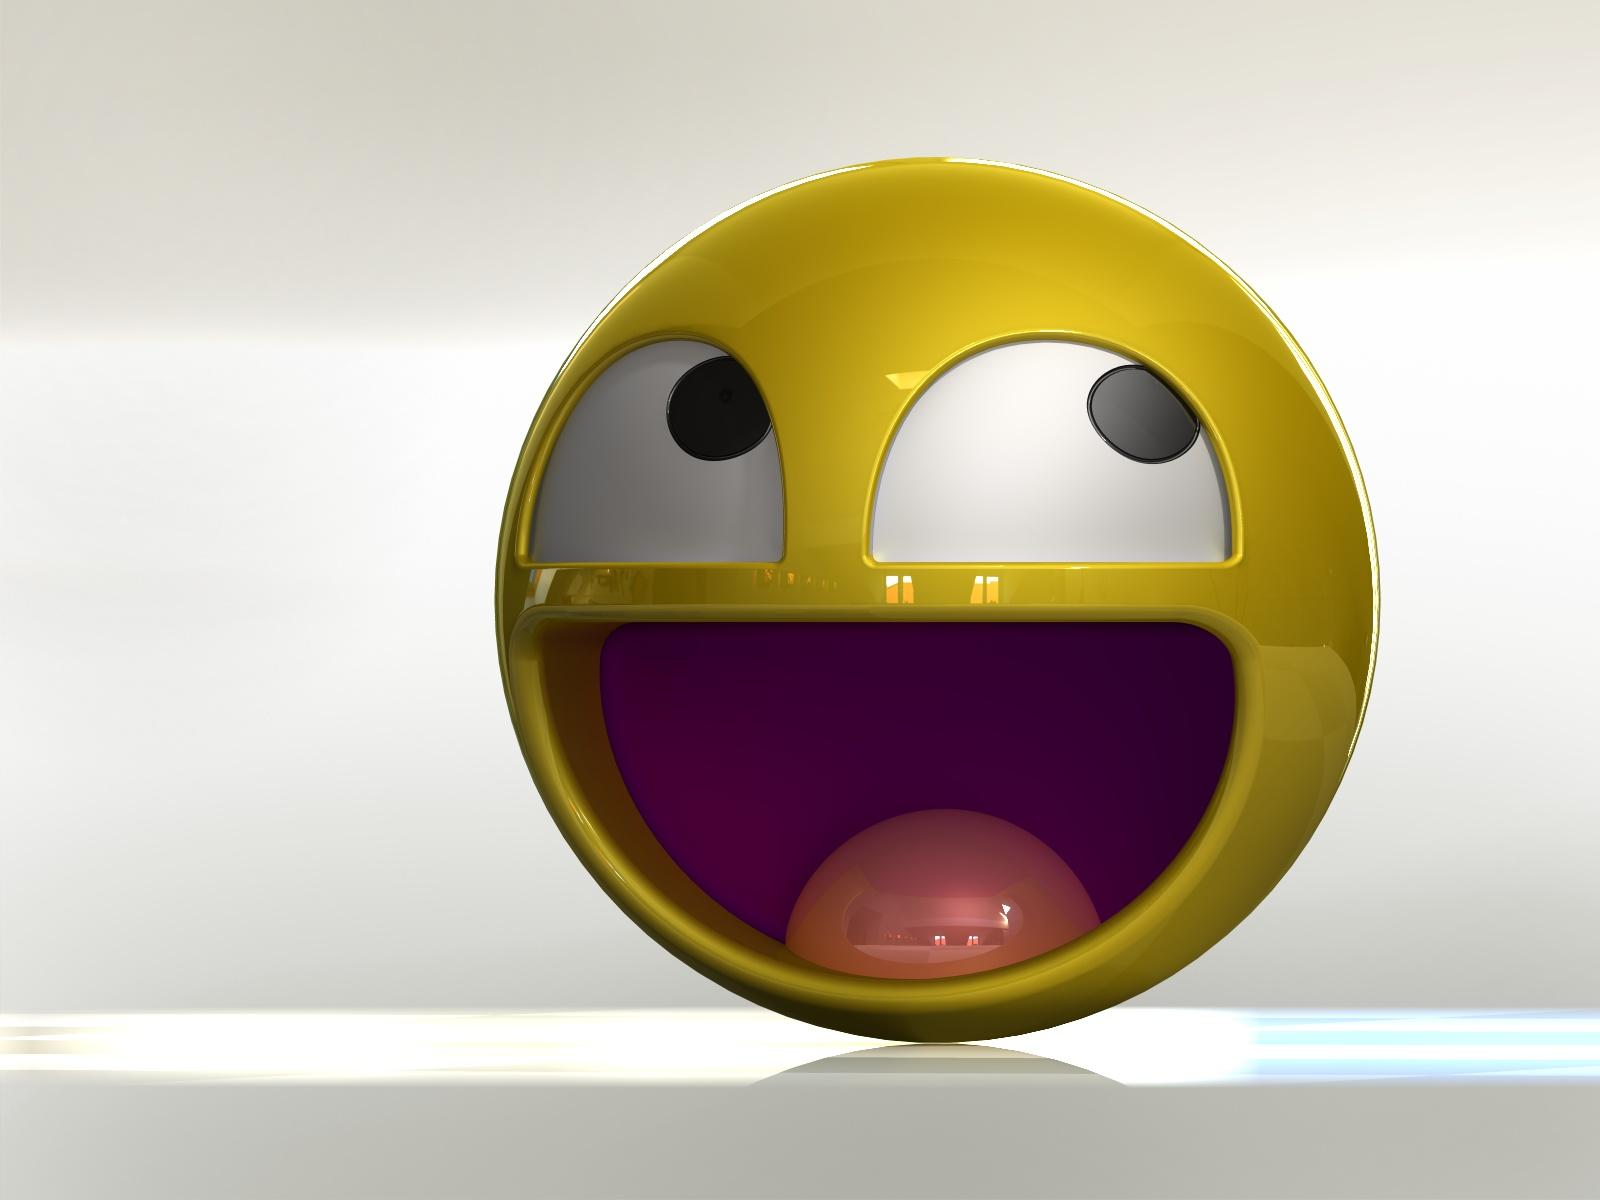 Cute Smiley Face Smiley Face Clip Art Smiley Face Happy 1600x1200